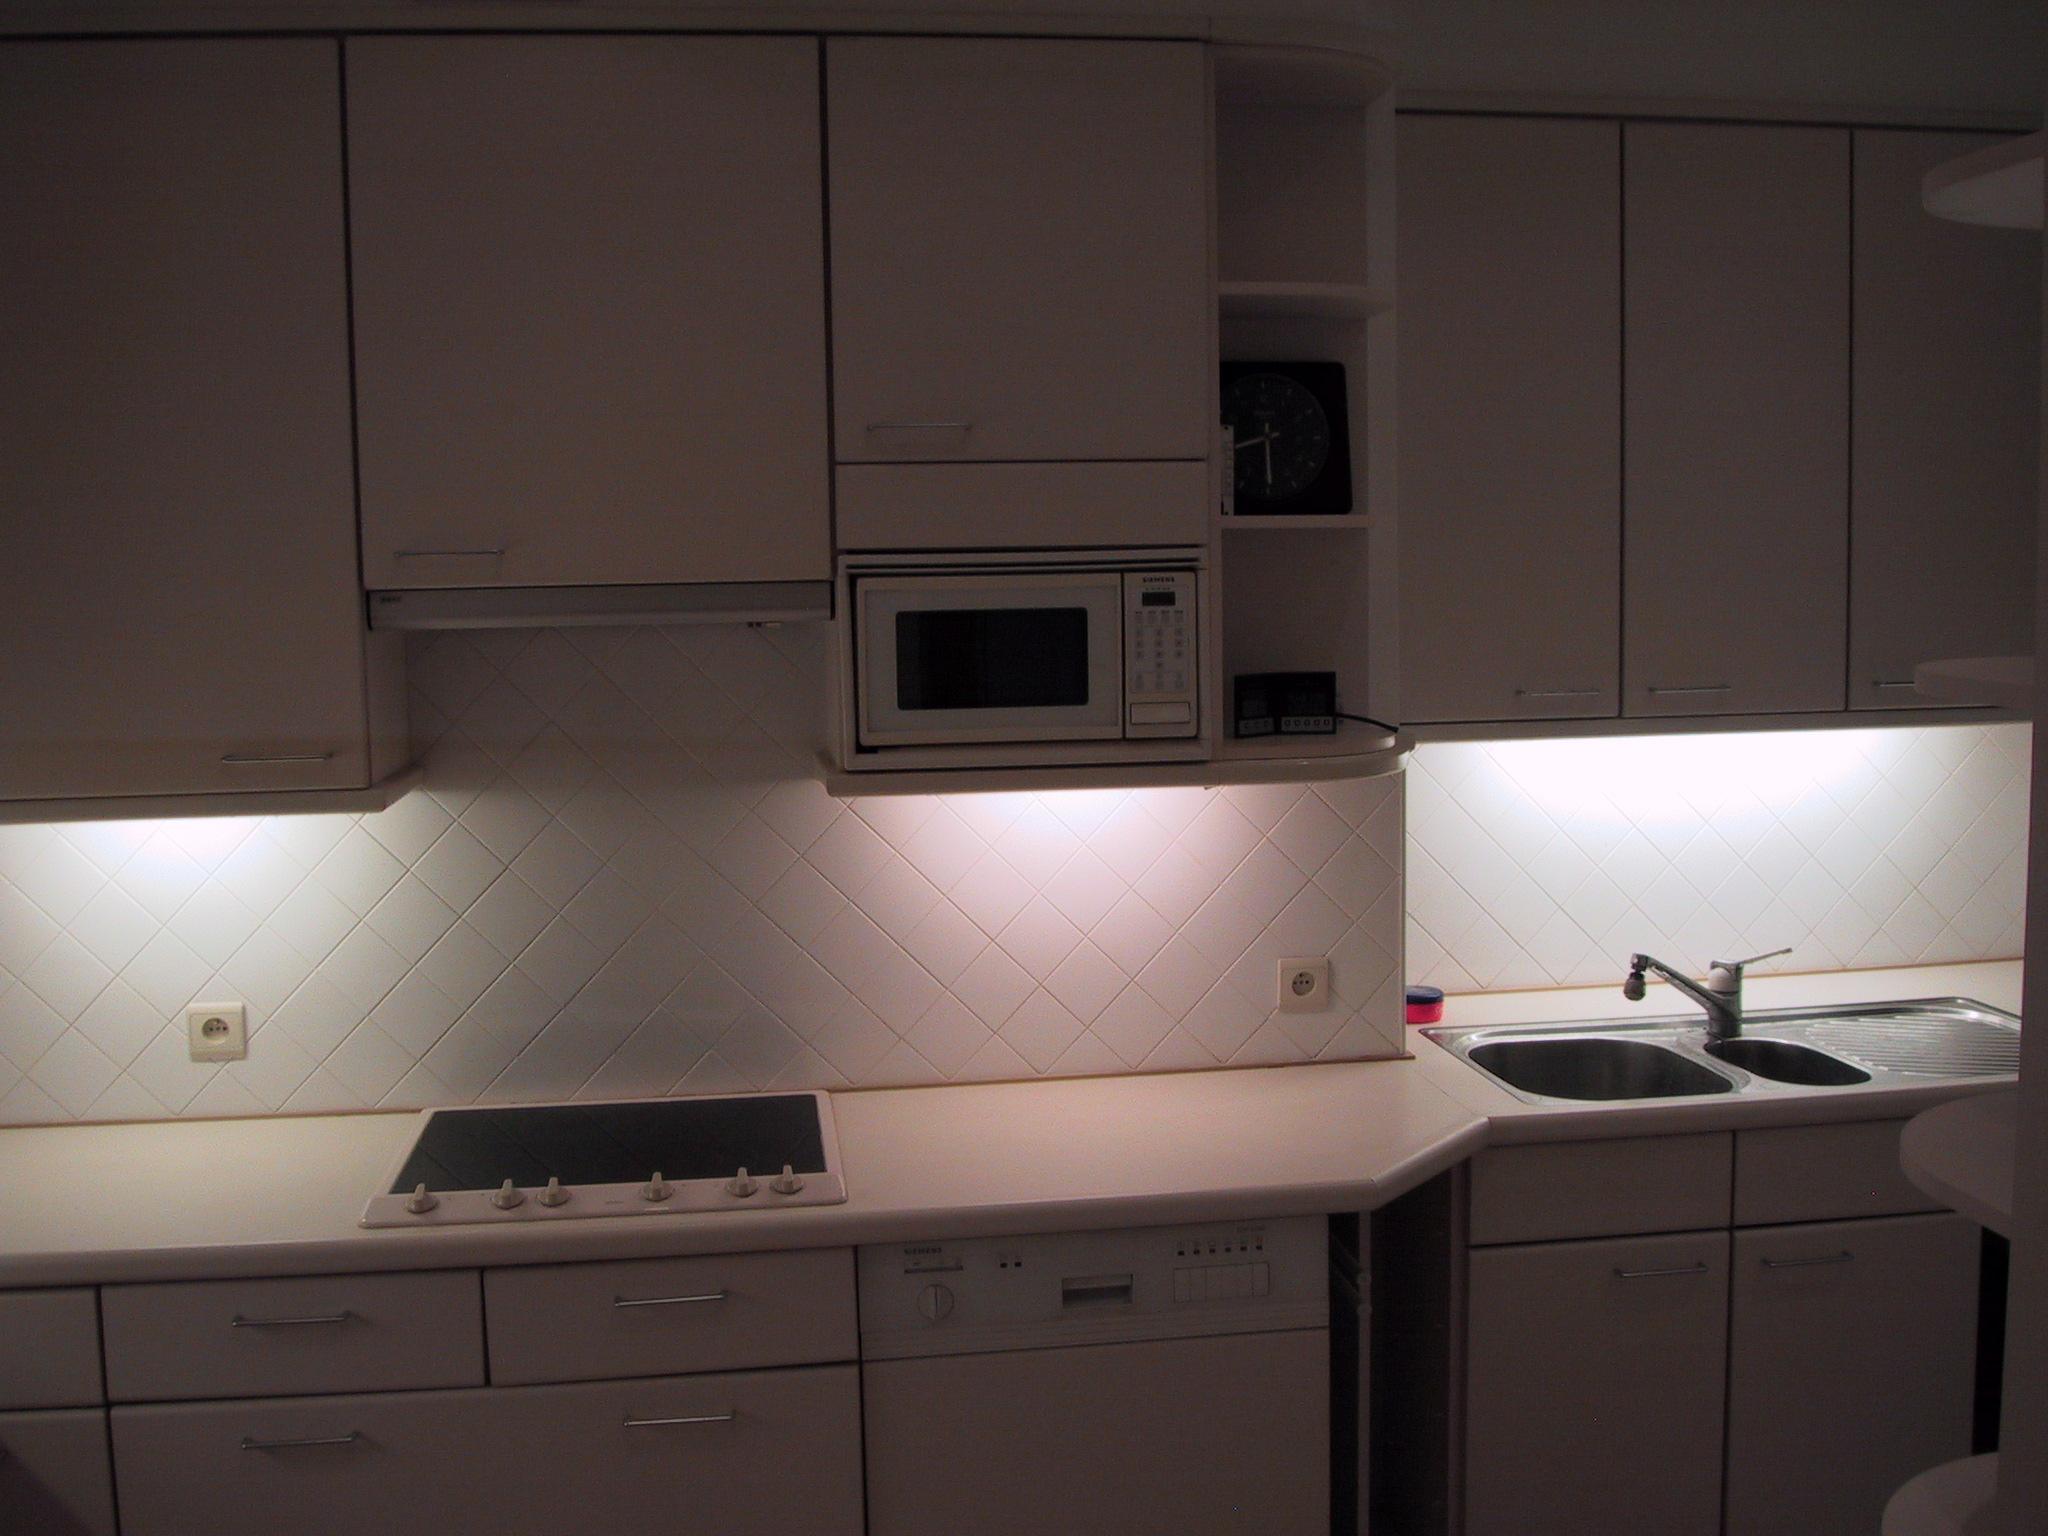 Appartement louer 2 chambres bruxelles louise immo for Appartement a louer a liege 2 chambre